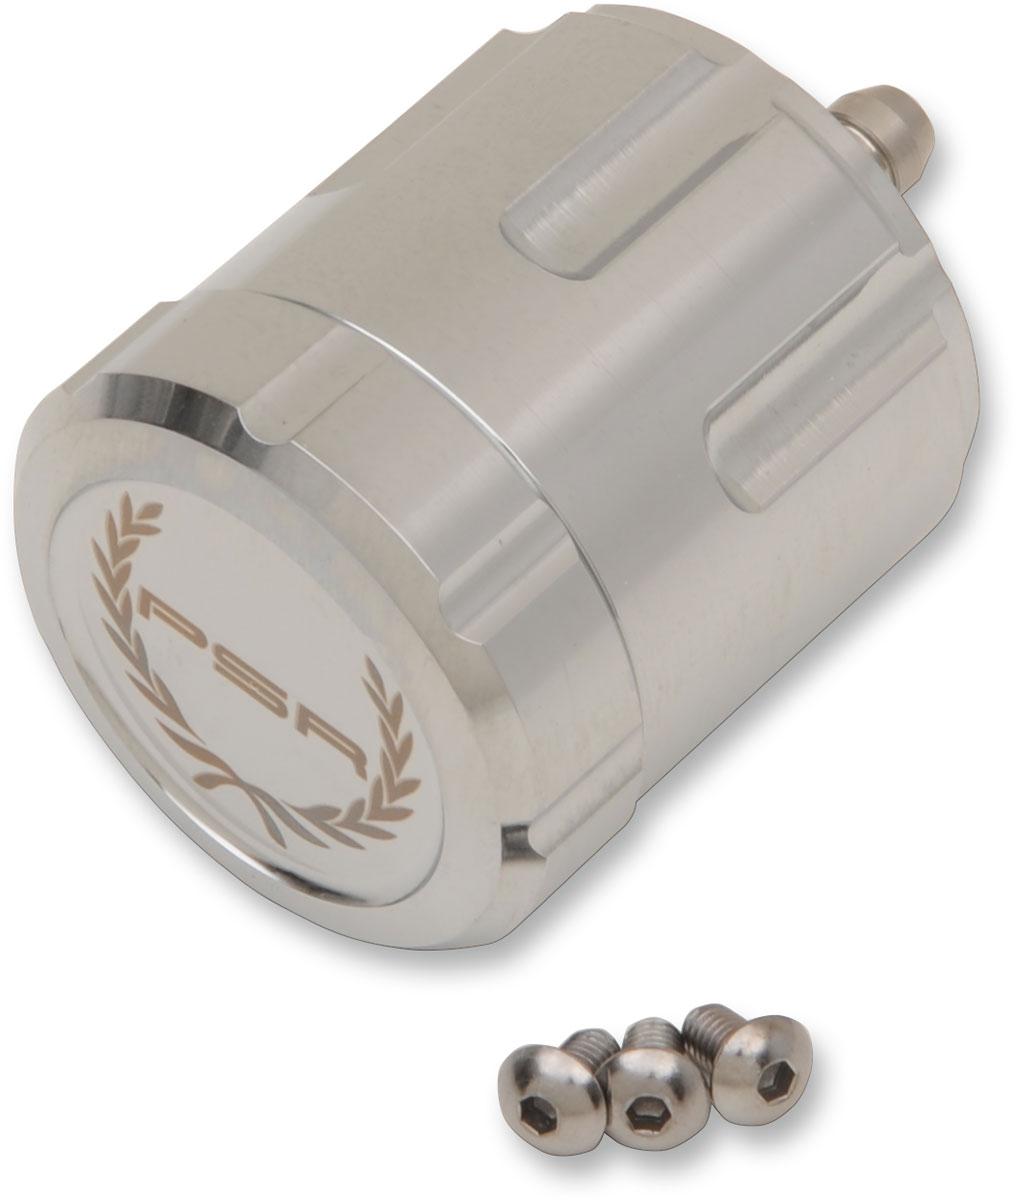 PSR Front Brake Reservoir Cup (Chrome) 03-01800-20